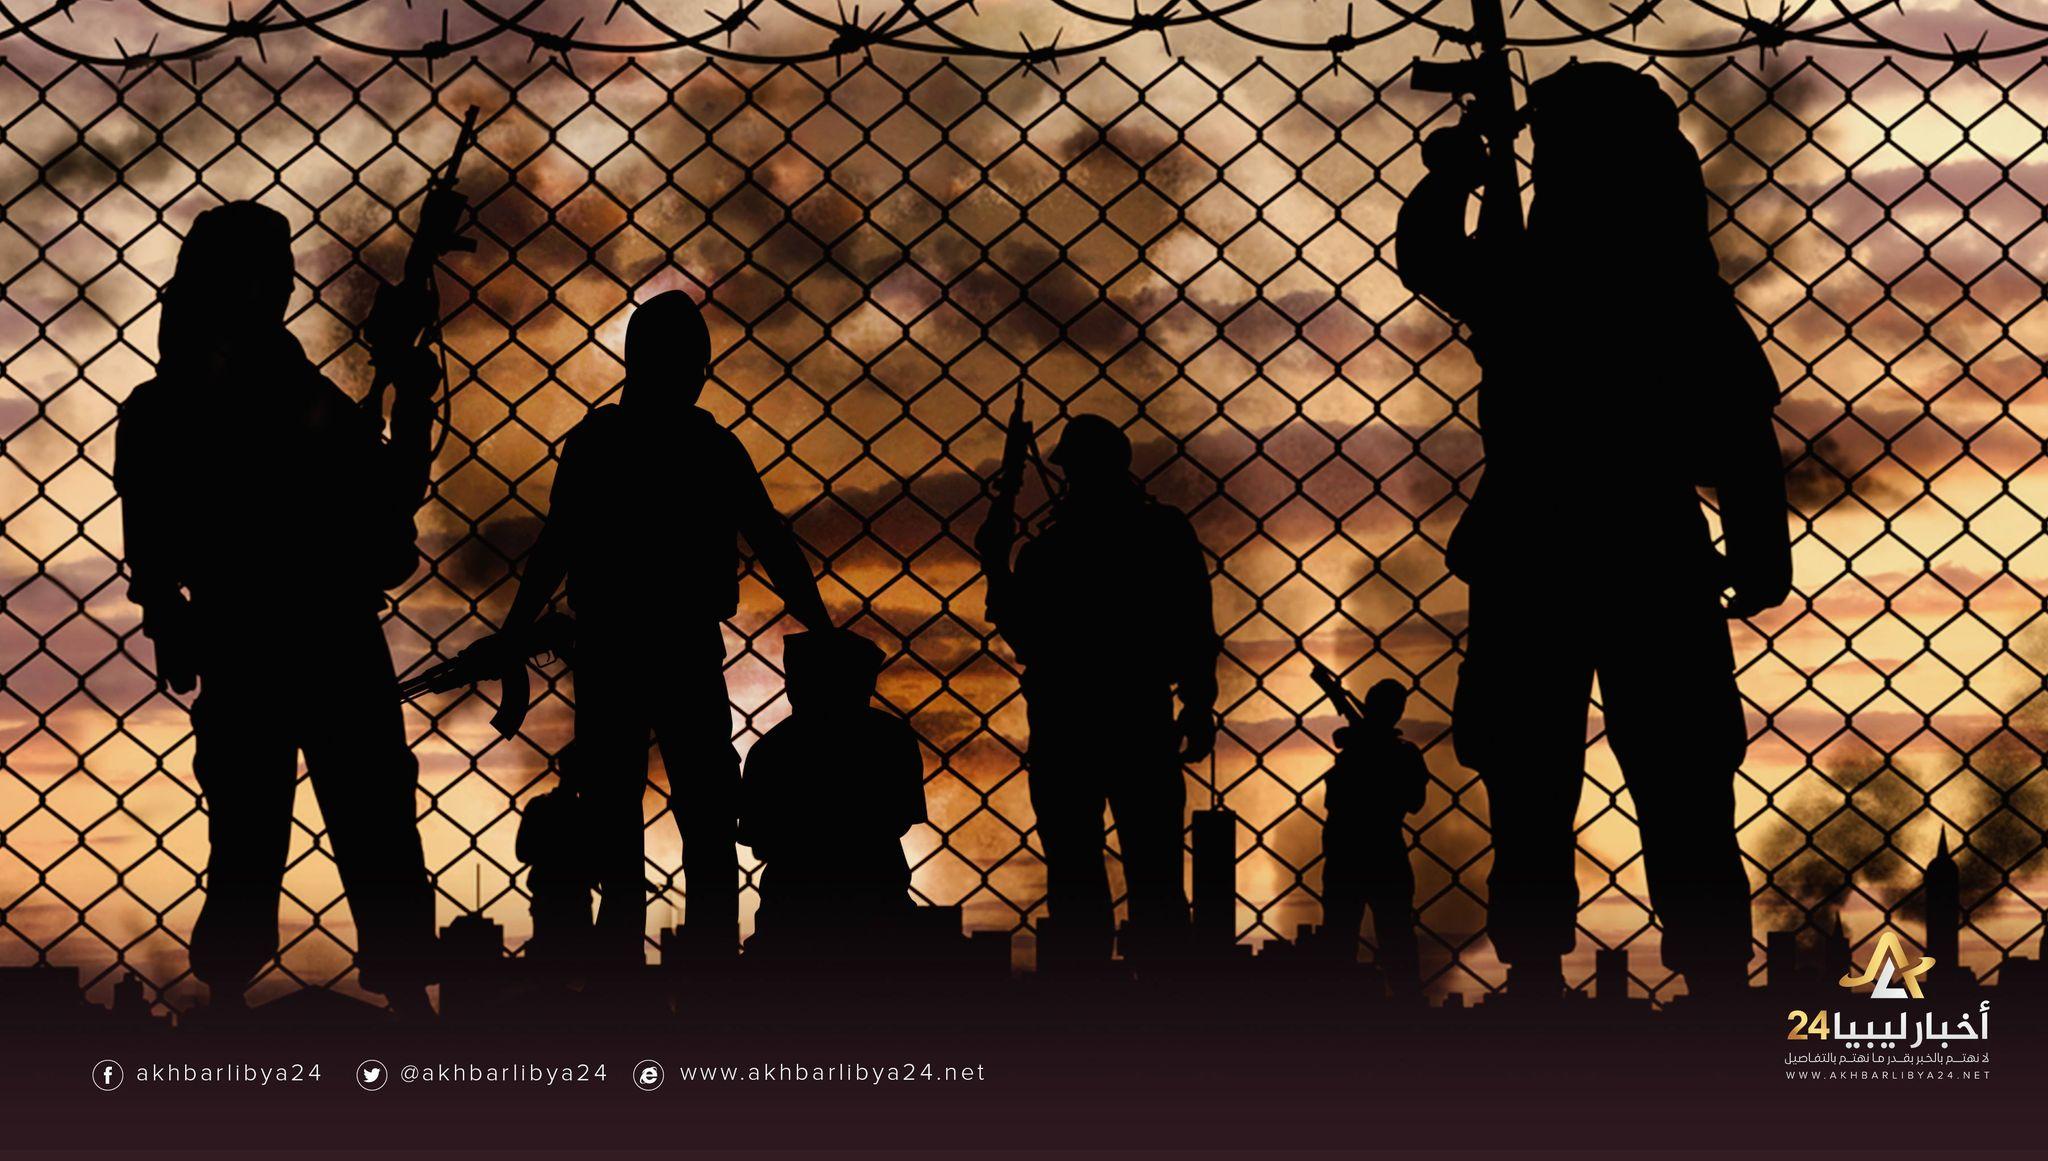 صورة العنف.. أحد أبرز أسلحة الإرهابيين لإخضاع الليبيين وإذلالهم